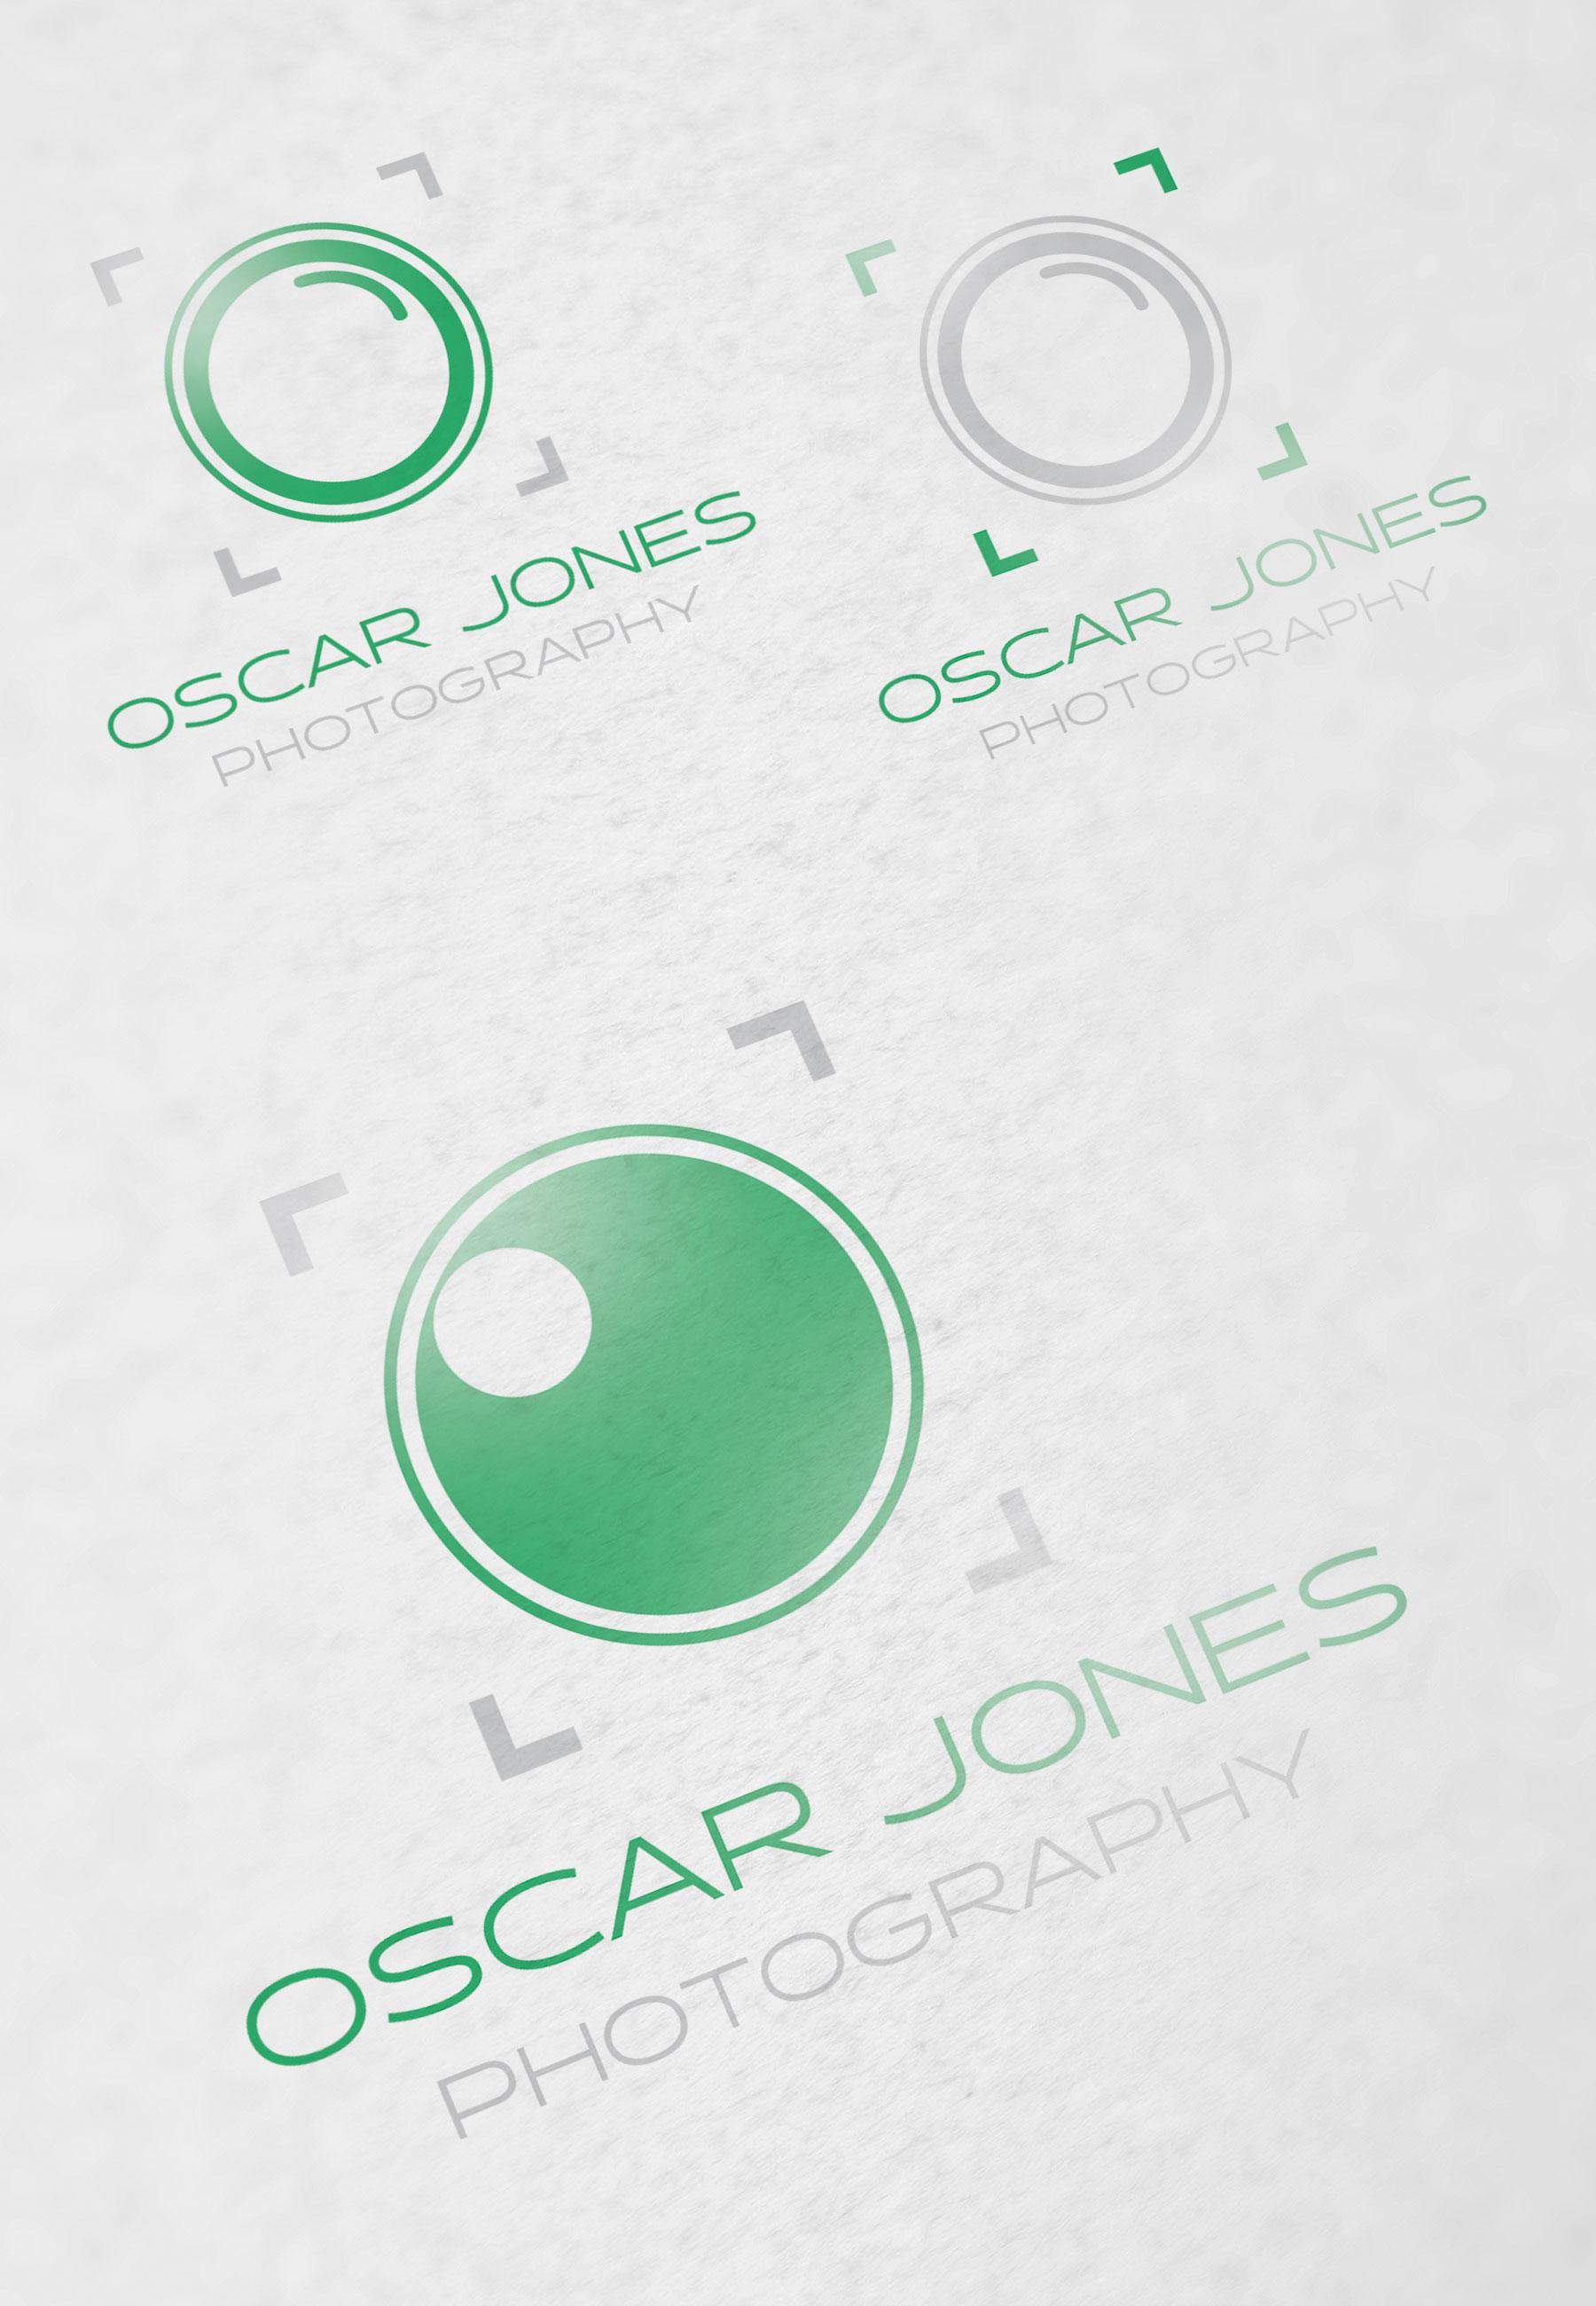 oscar-jones-logo-main